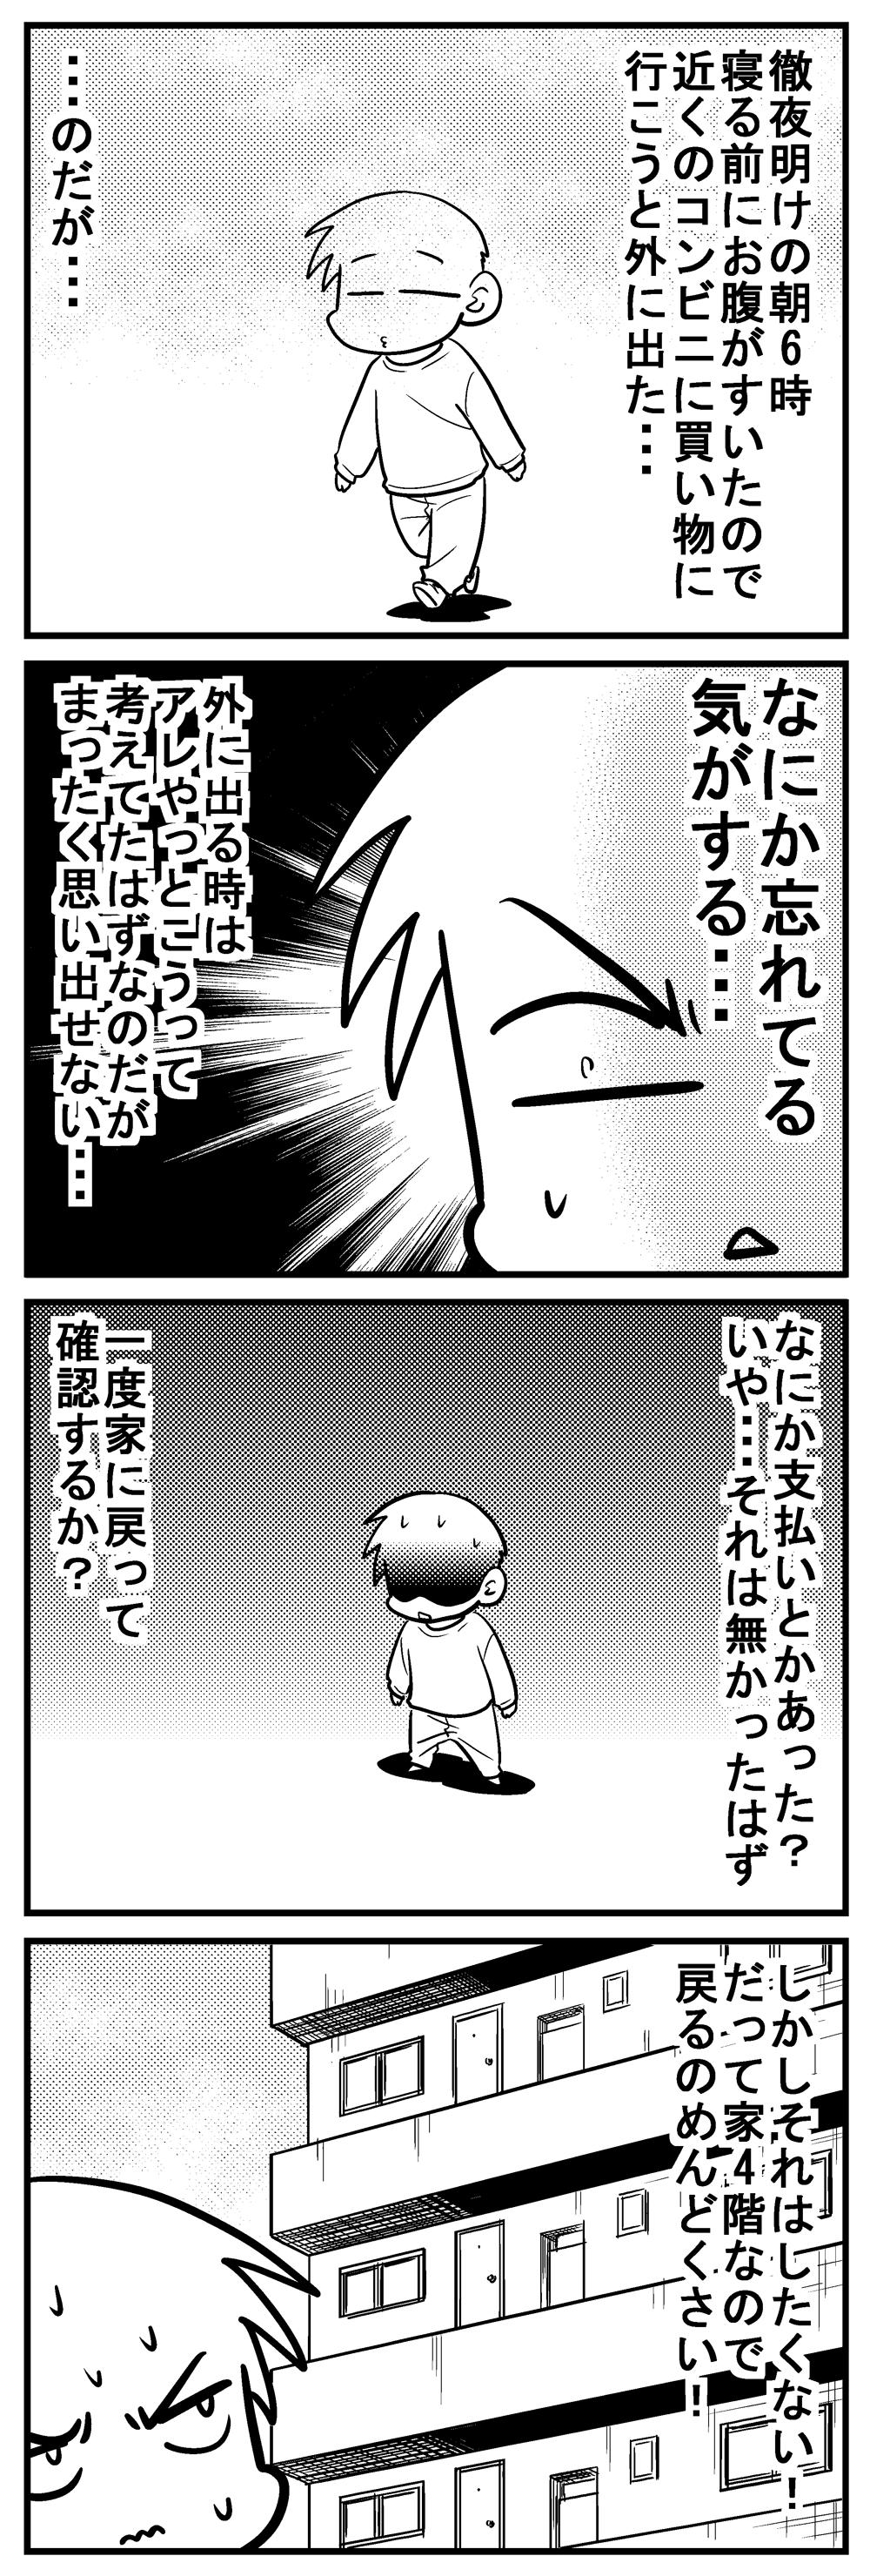 深読みくん130 1